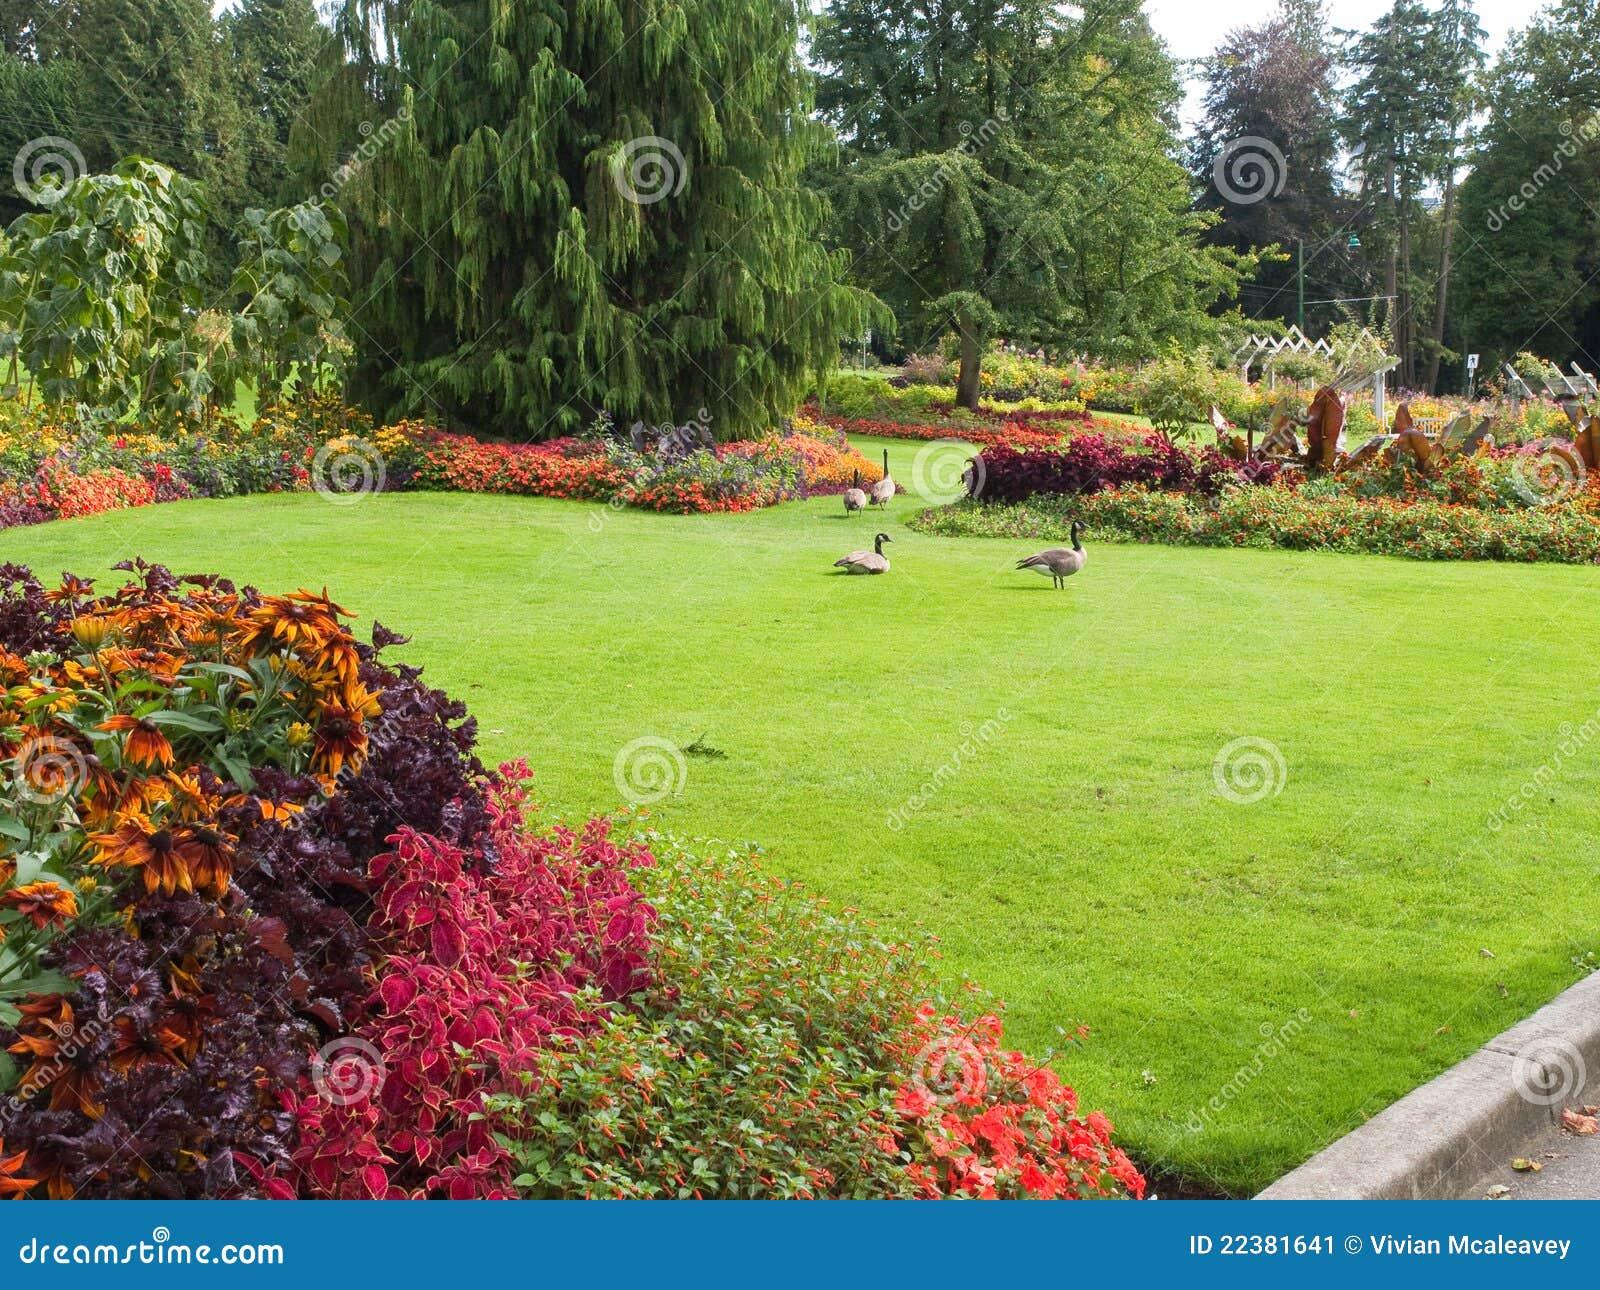 imagens de jardim gramado:Lawn and Flower Gardens